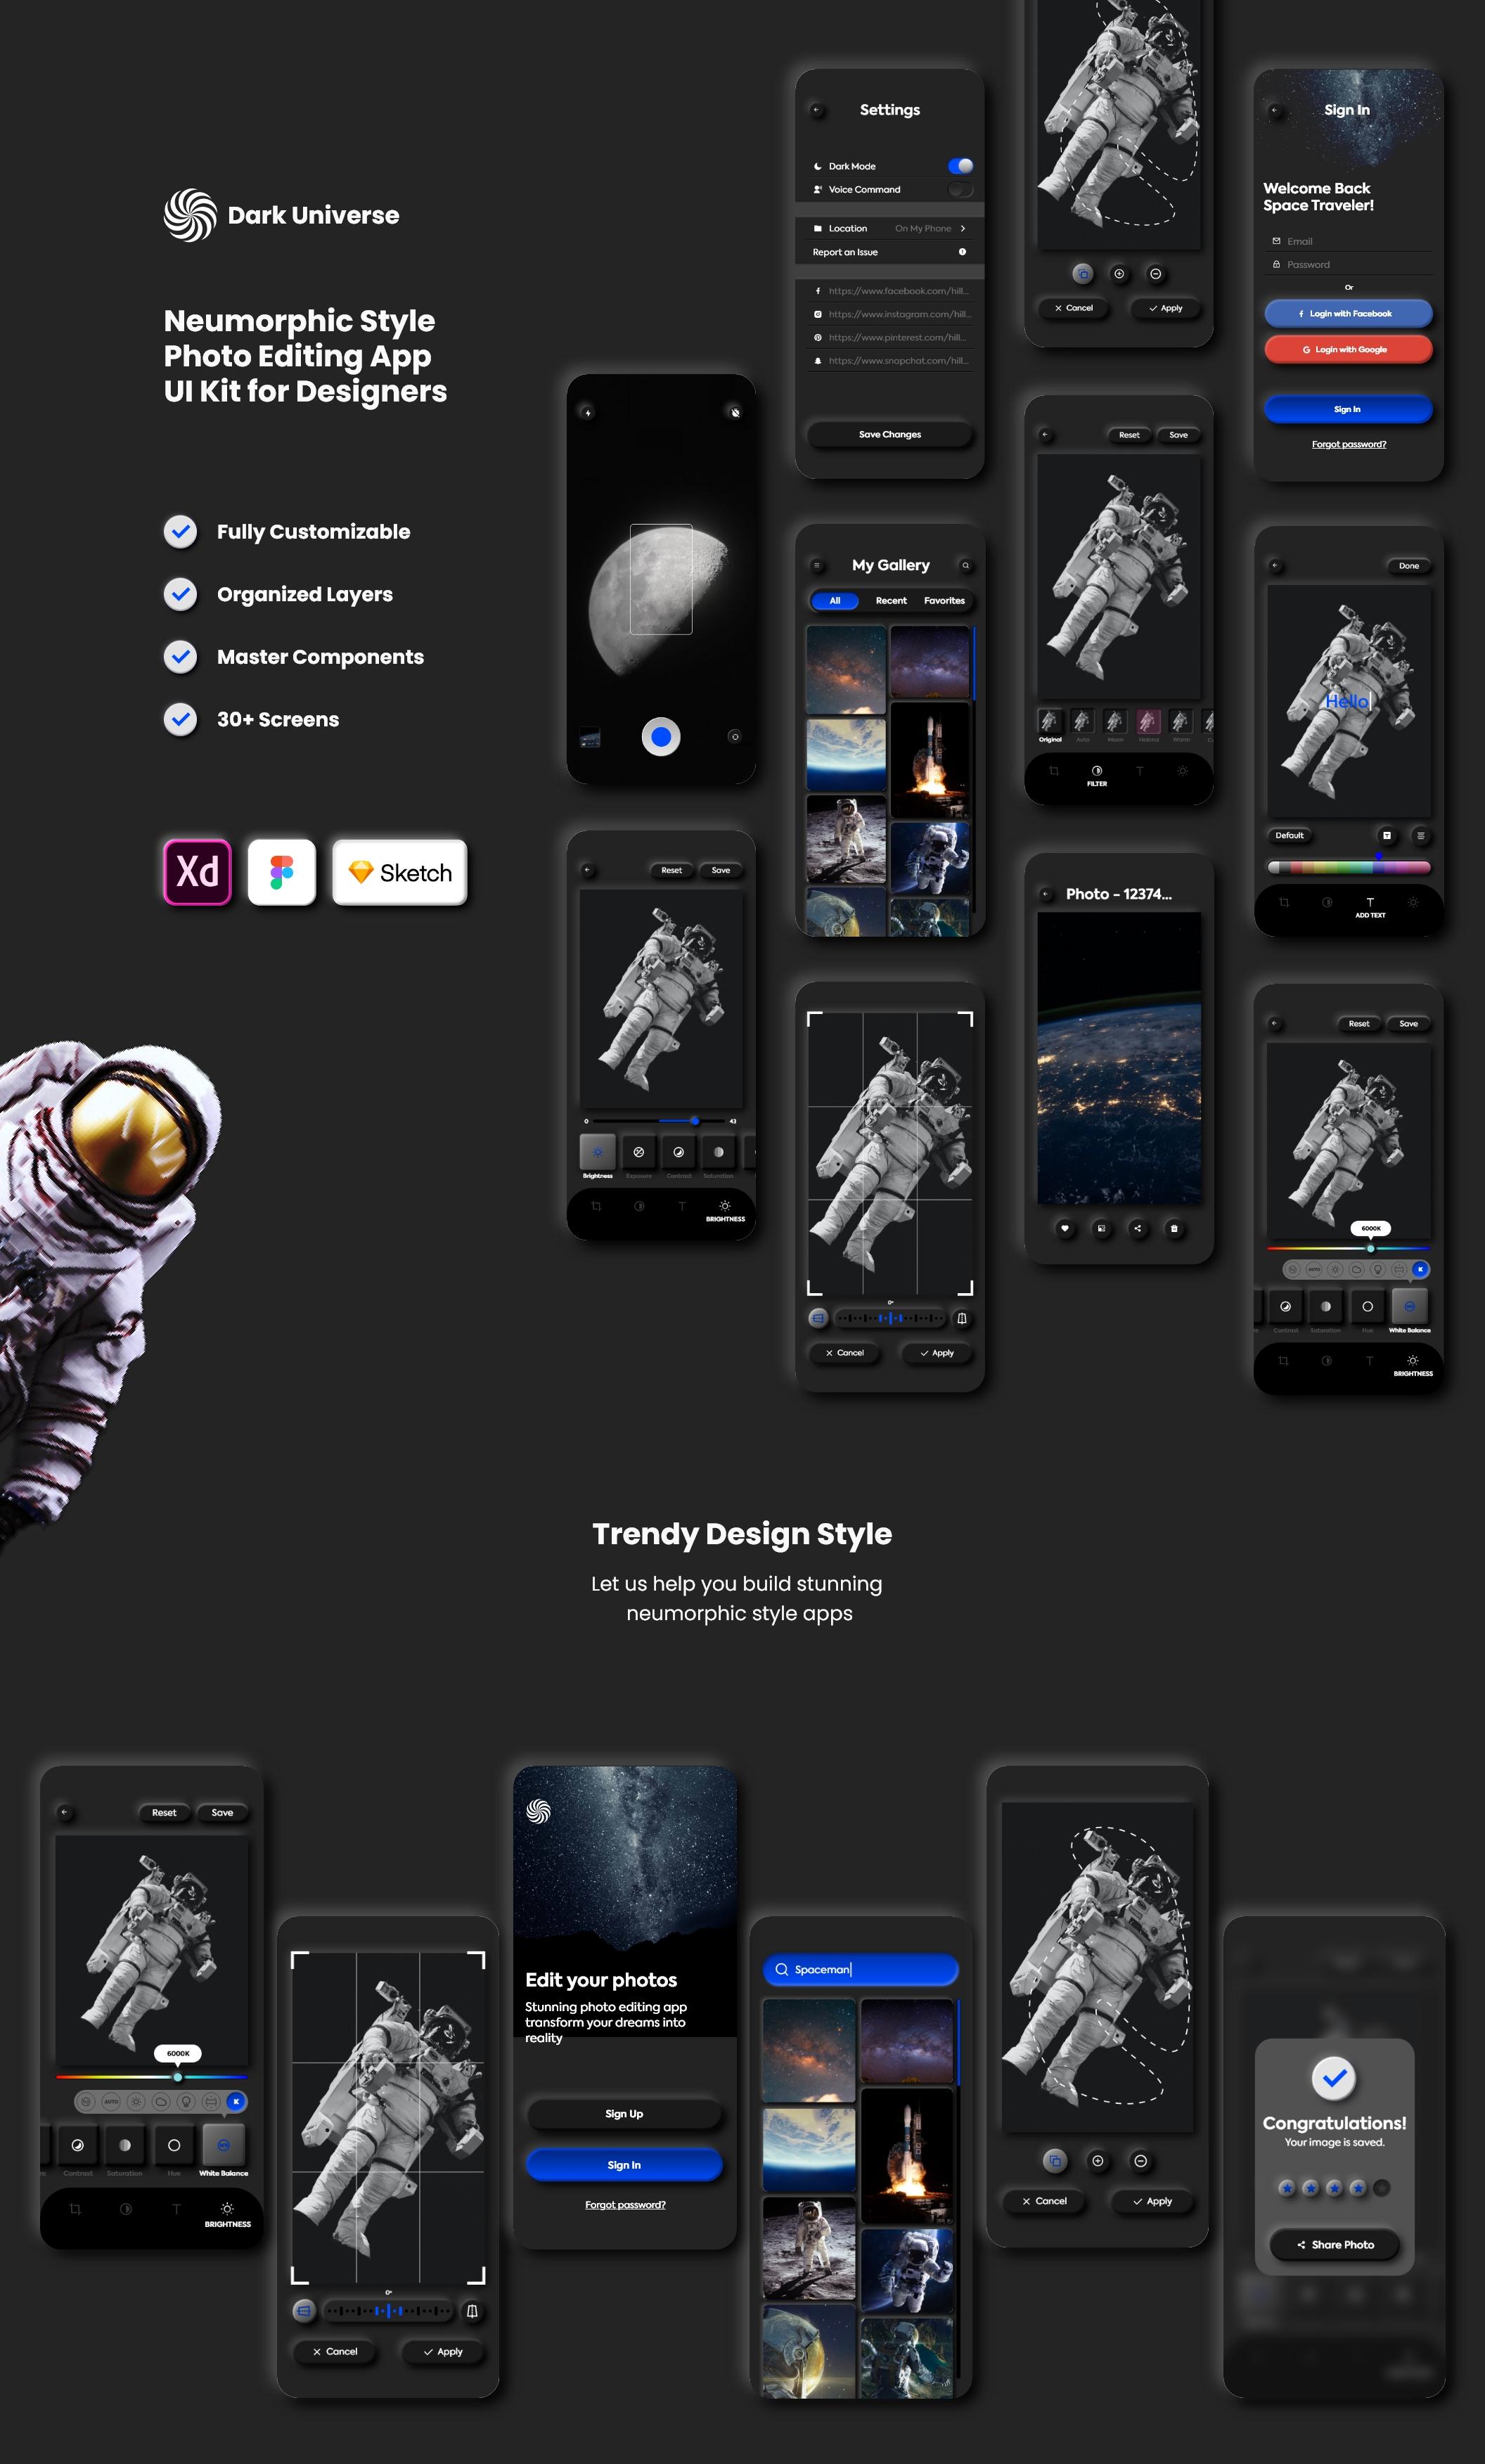 暗黑照片编辑管理社交应用程序APP UI套件 Dark Universe – Photo Editing App Neumorphic UI Kit (Dark Mode)插图(6)